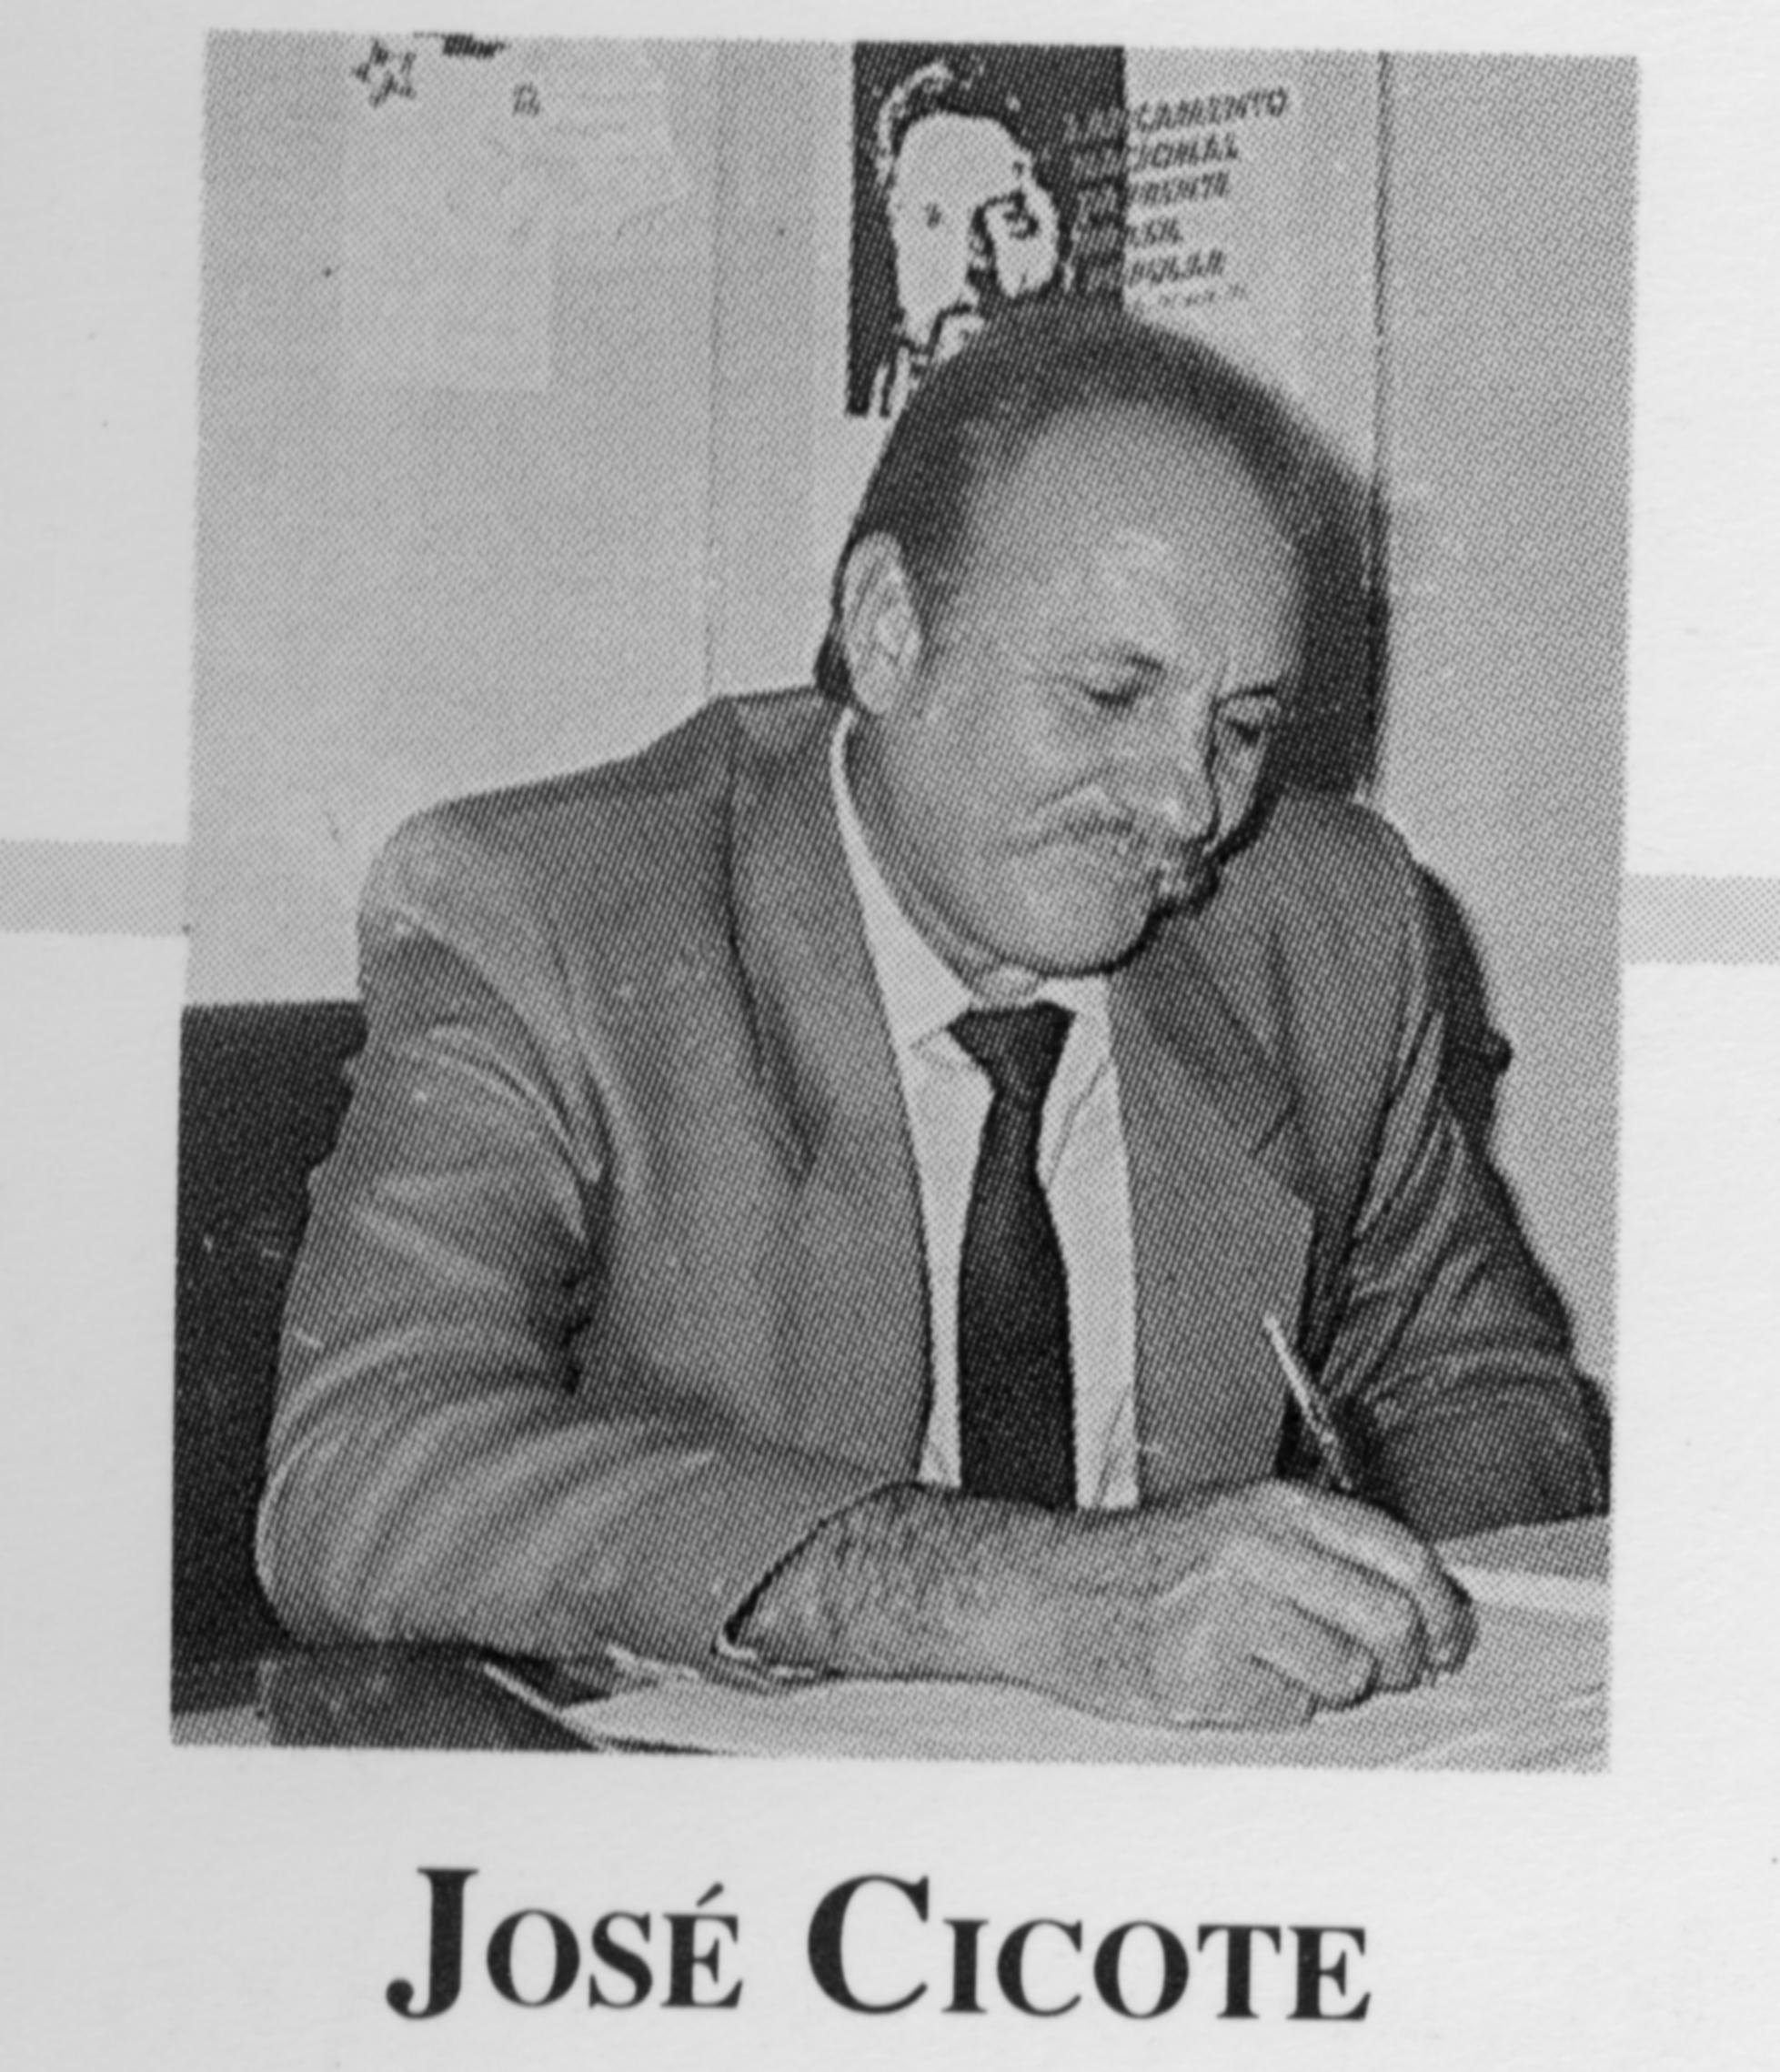 José Cicote